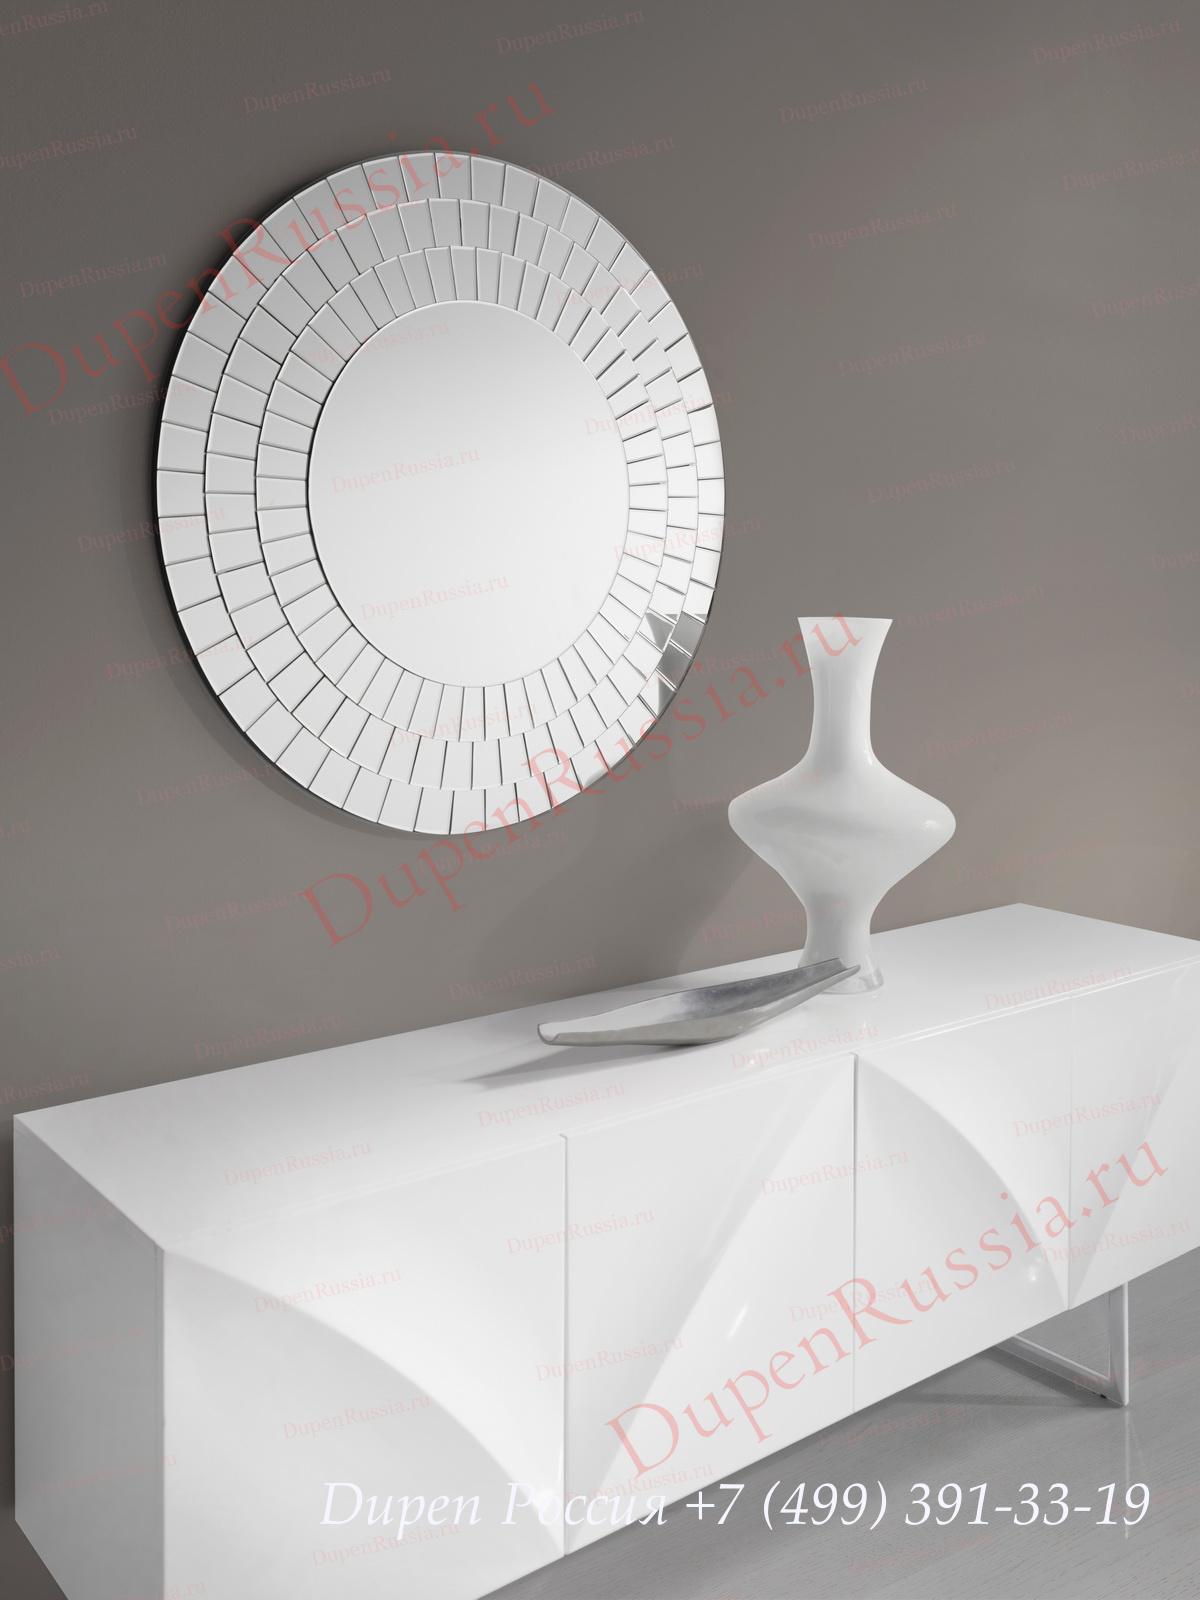 Зеркало DUPEN (Дюпен) E-122, Буфет DUPEN W-102